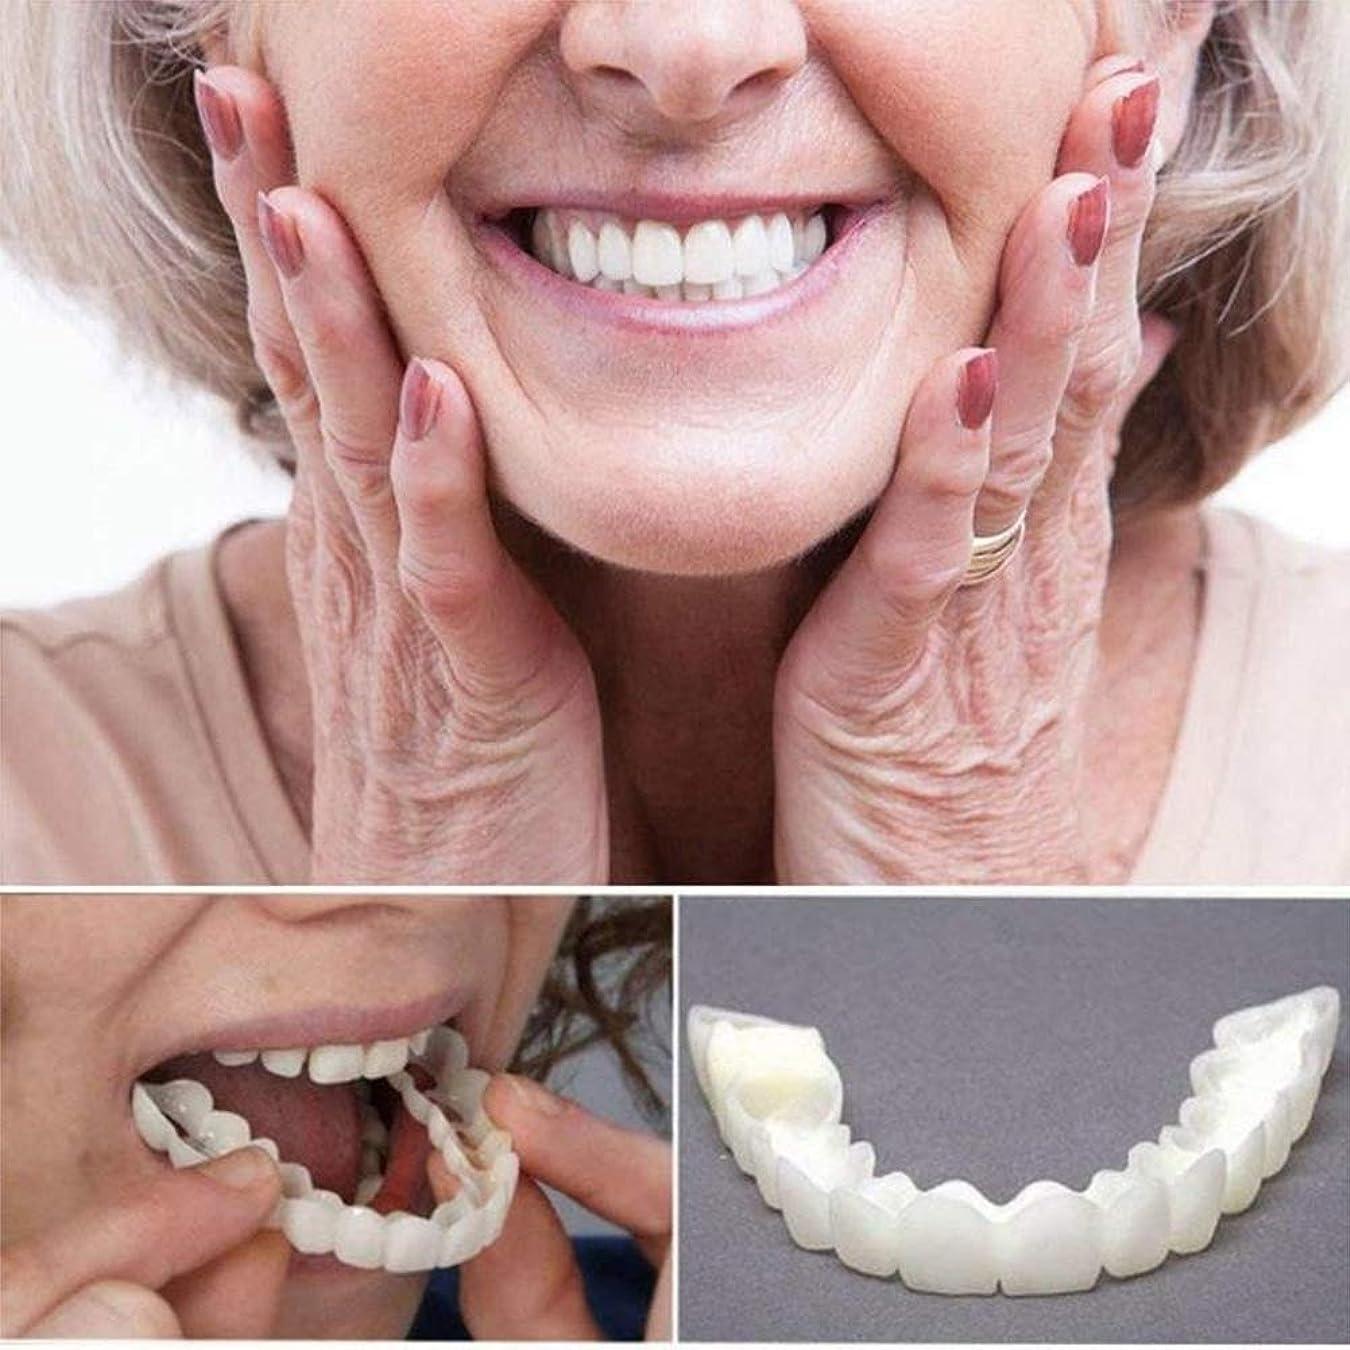 波修正するタイプ化粧品の歯、白い歯をきれいにするためのコンフォートフィットフレックスティースソケット、スーパーコンフォート、コンフォートフィット、1セット.